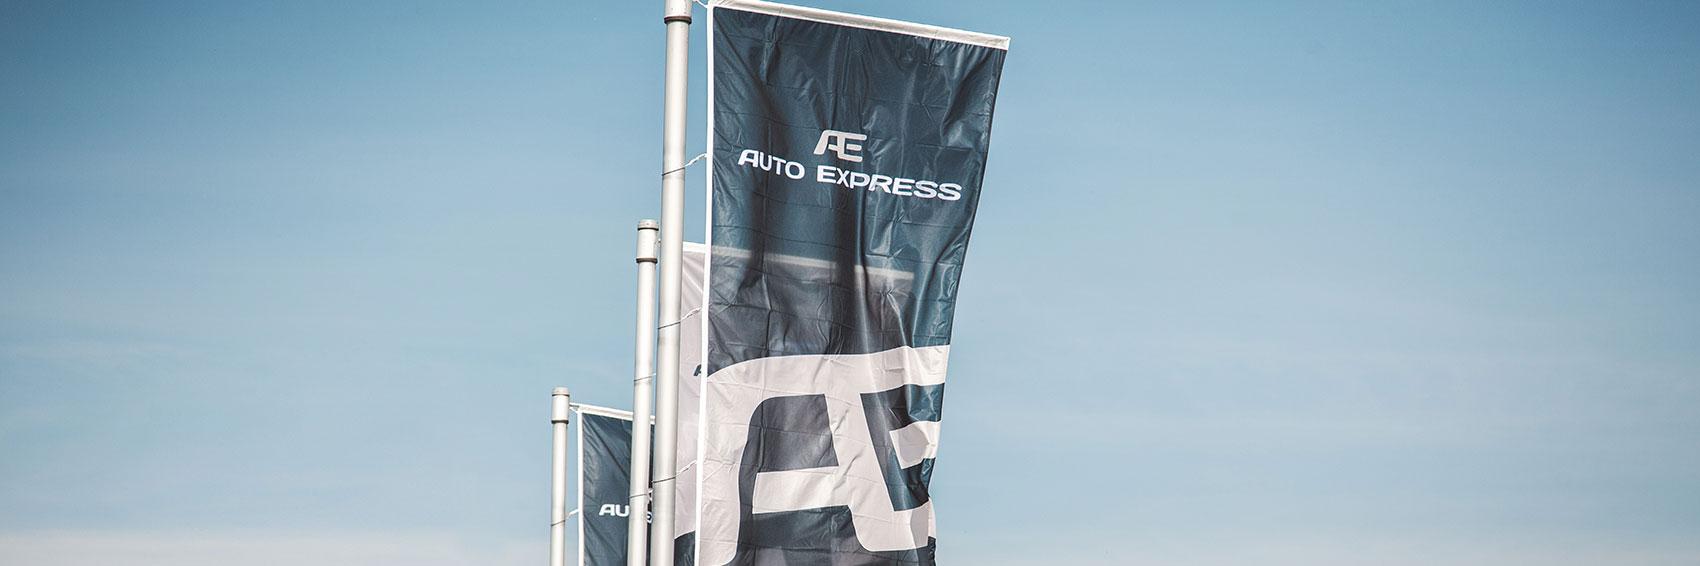 Company Auto Express